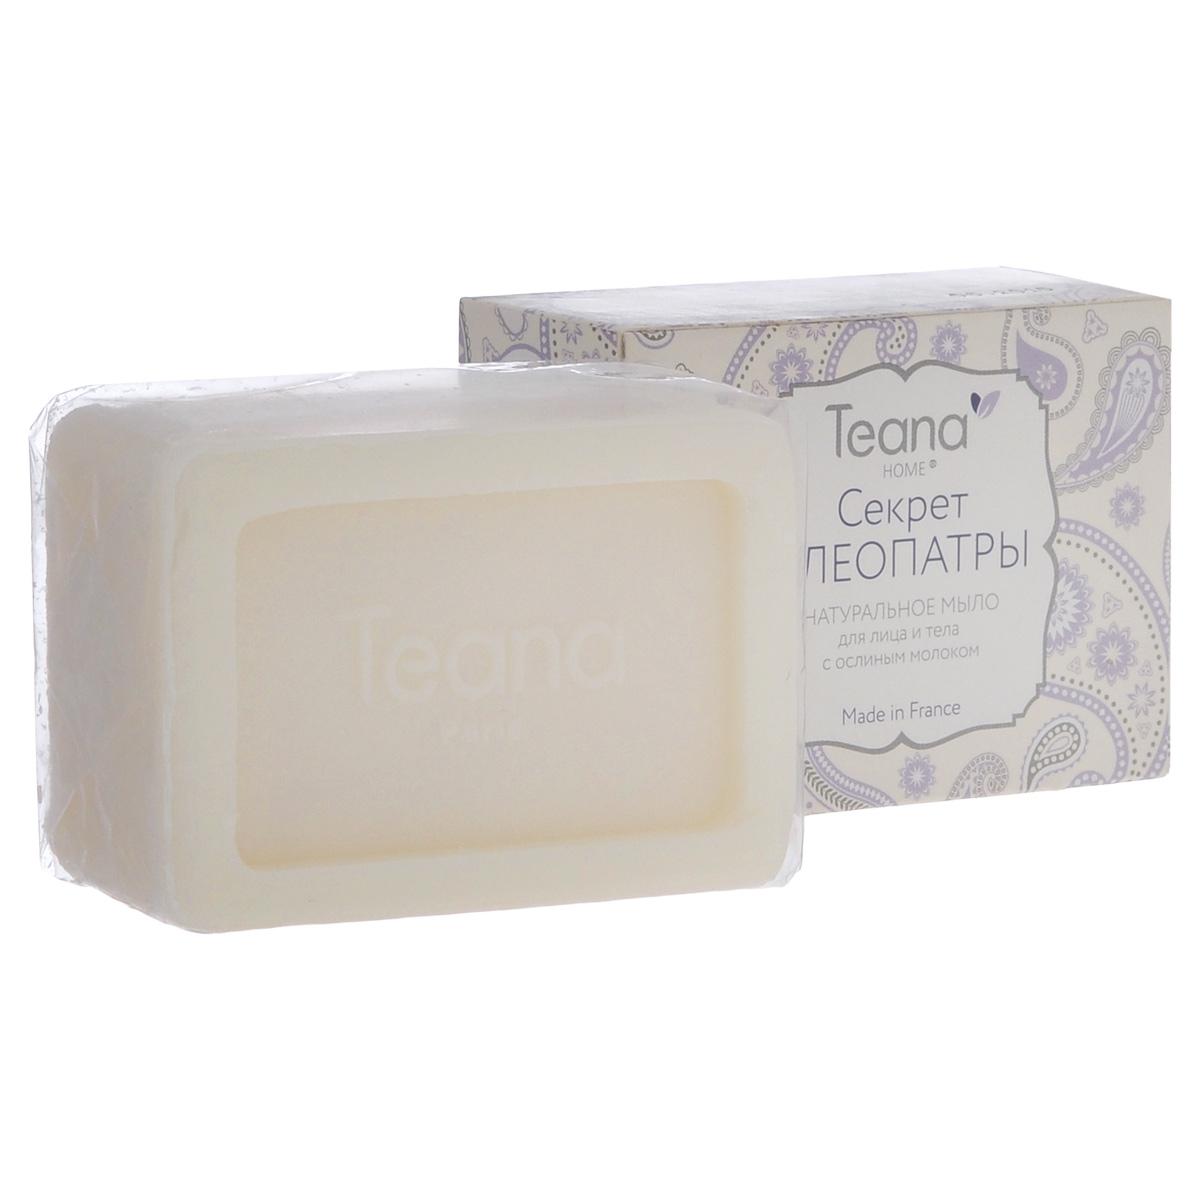 Teana Натуральное мыло для лица и тела Секрет Клеопатры, для сухой и чувствительной кожи, с ослиным молоком, 100 г